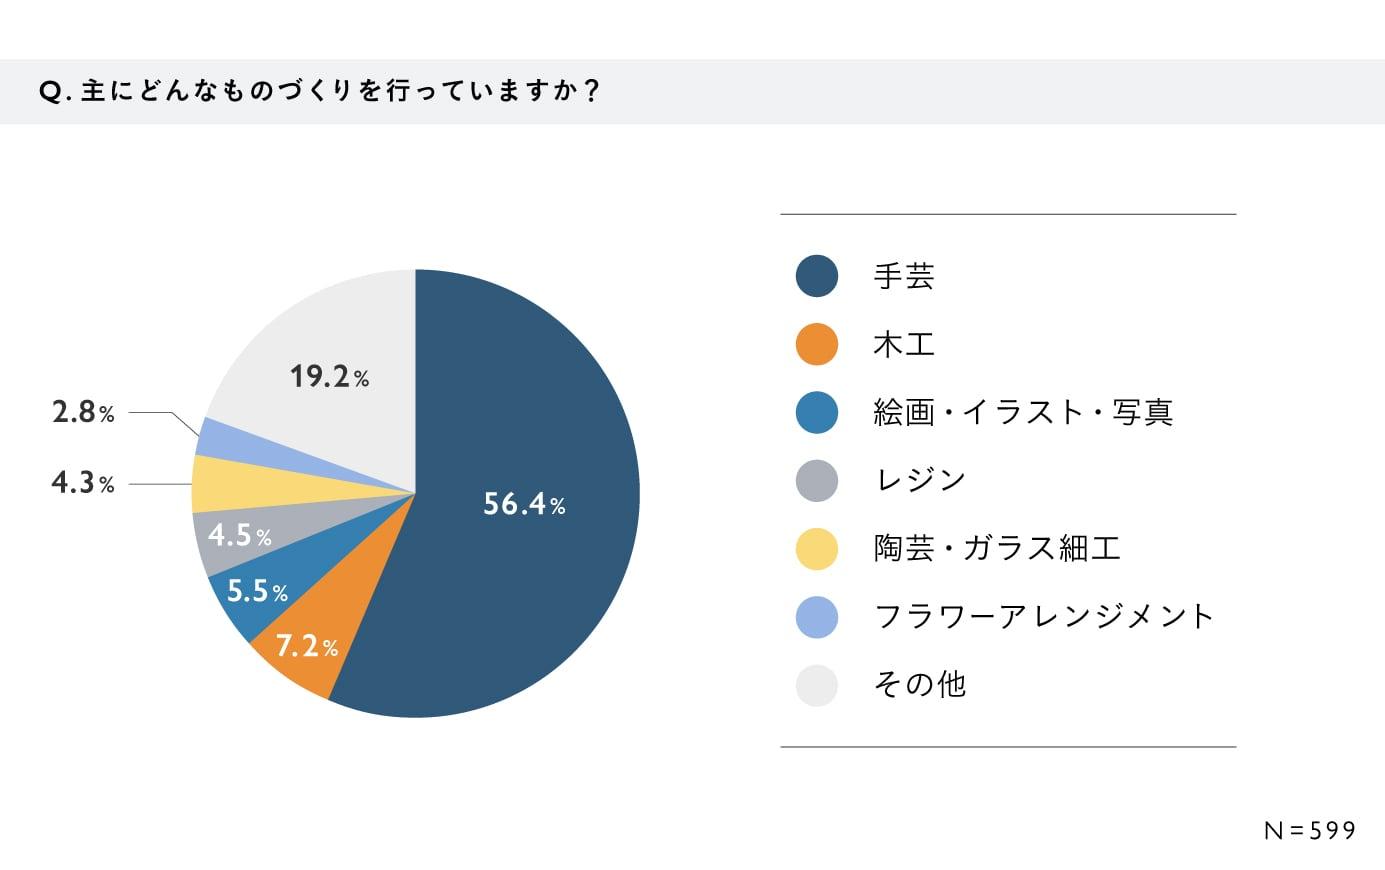 【60歳以上のシニア作家・ブランドに関するアンケート・結果グラフ】Q. 主にどんなものづくりを行っていますか? A. 手芸:56.4%、木工:7.2%、絵画・イラスト写真:5.5%、レジン:4.5%、陶芸・ガラス細工:4.3%、フラワーアレジメント:2.8%、その他:19.2% (N=599)